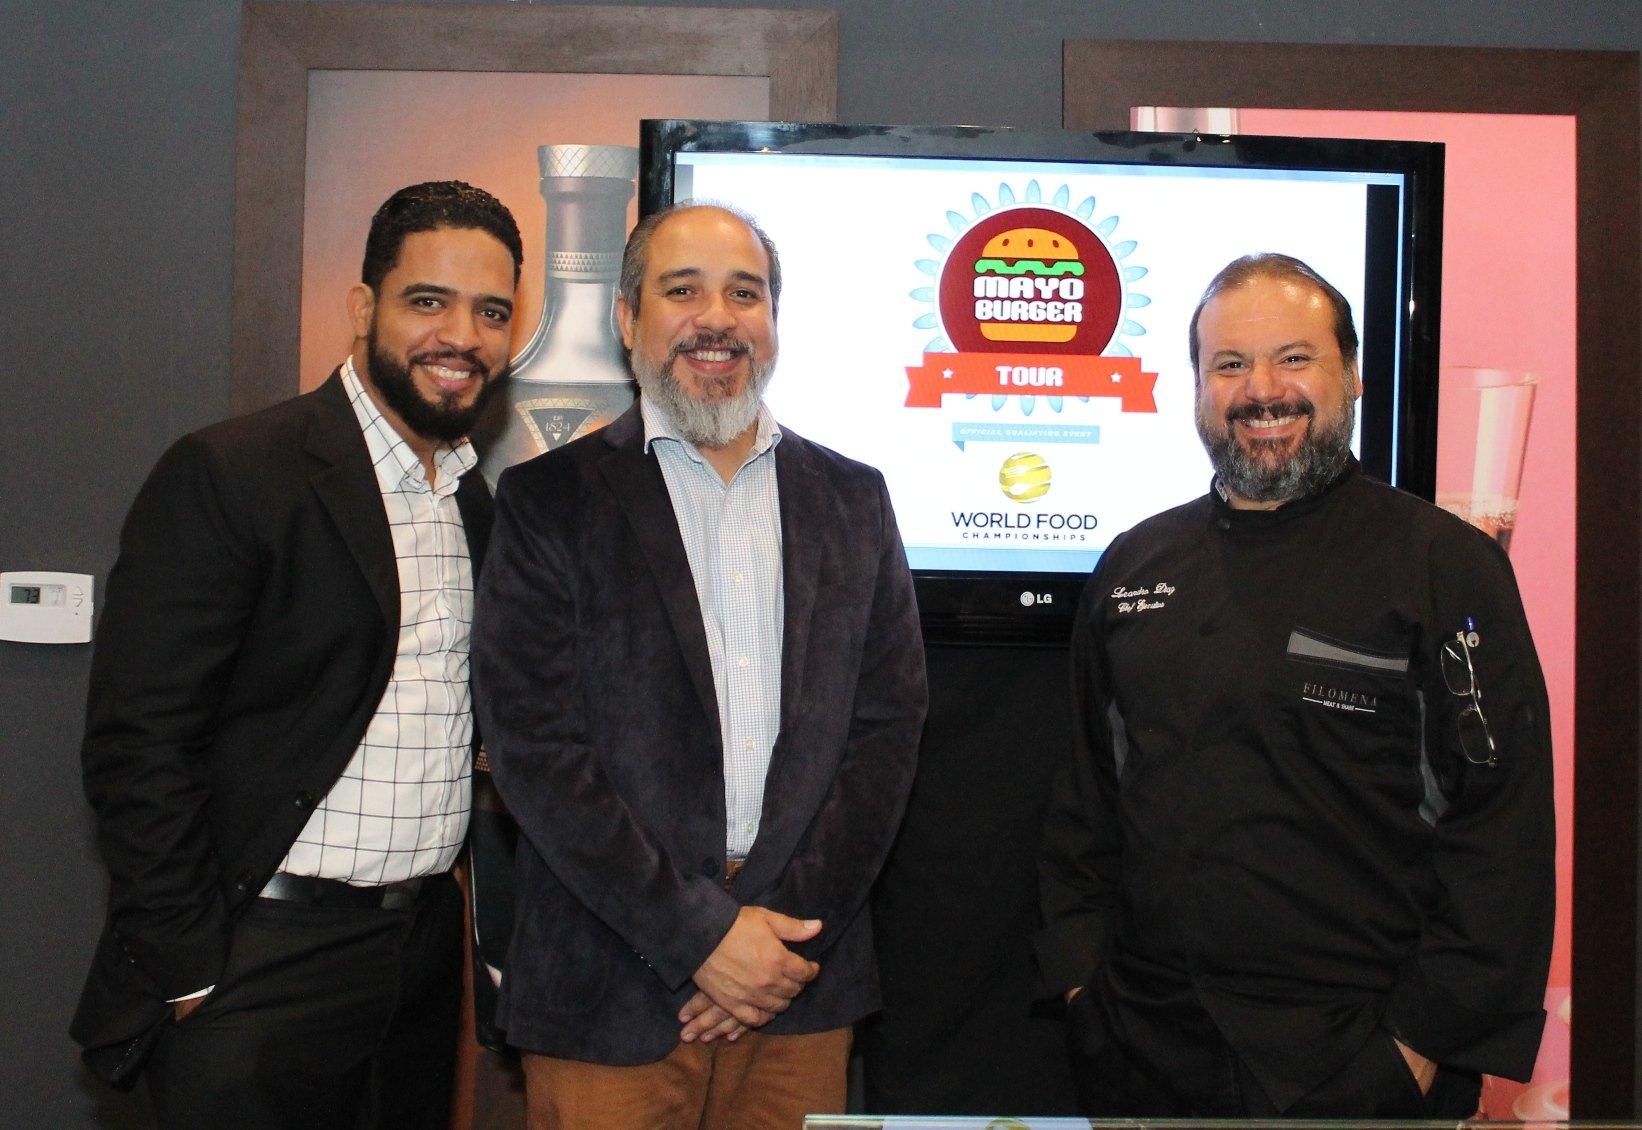 Equipo organizador (Manuel Méndez, Miguel Mejías y el chef Leandro Díaz). Mayo Burger Tour y los foodies a favor de la gastronomía dominicana